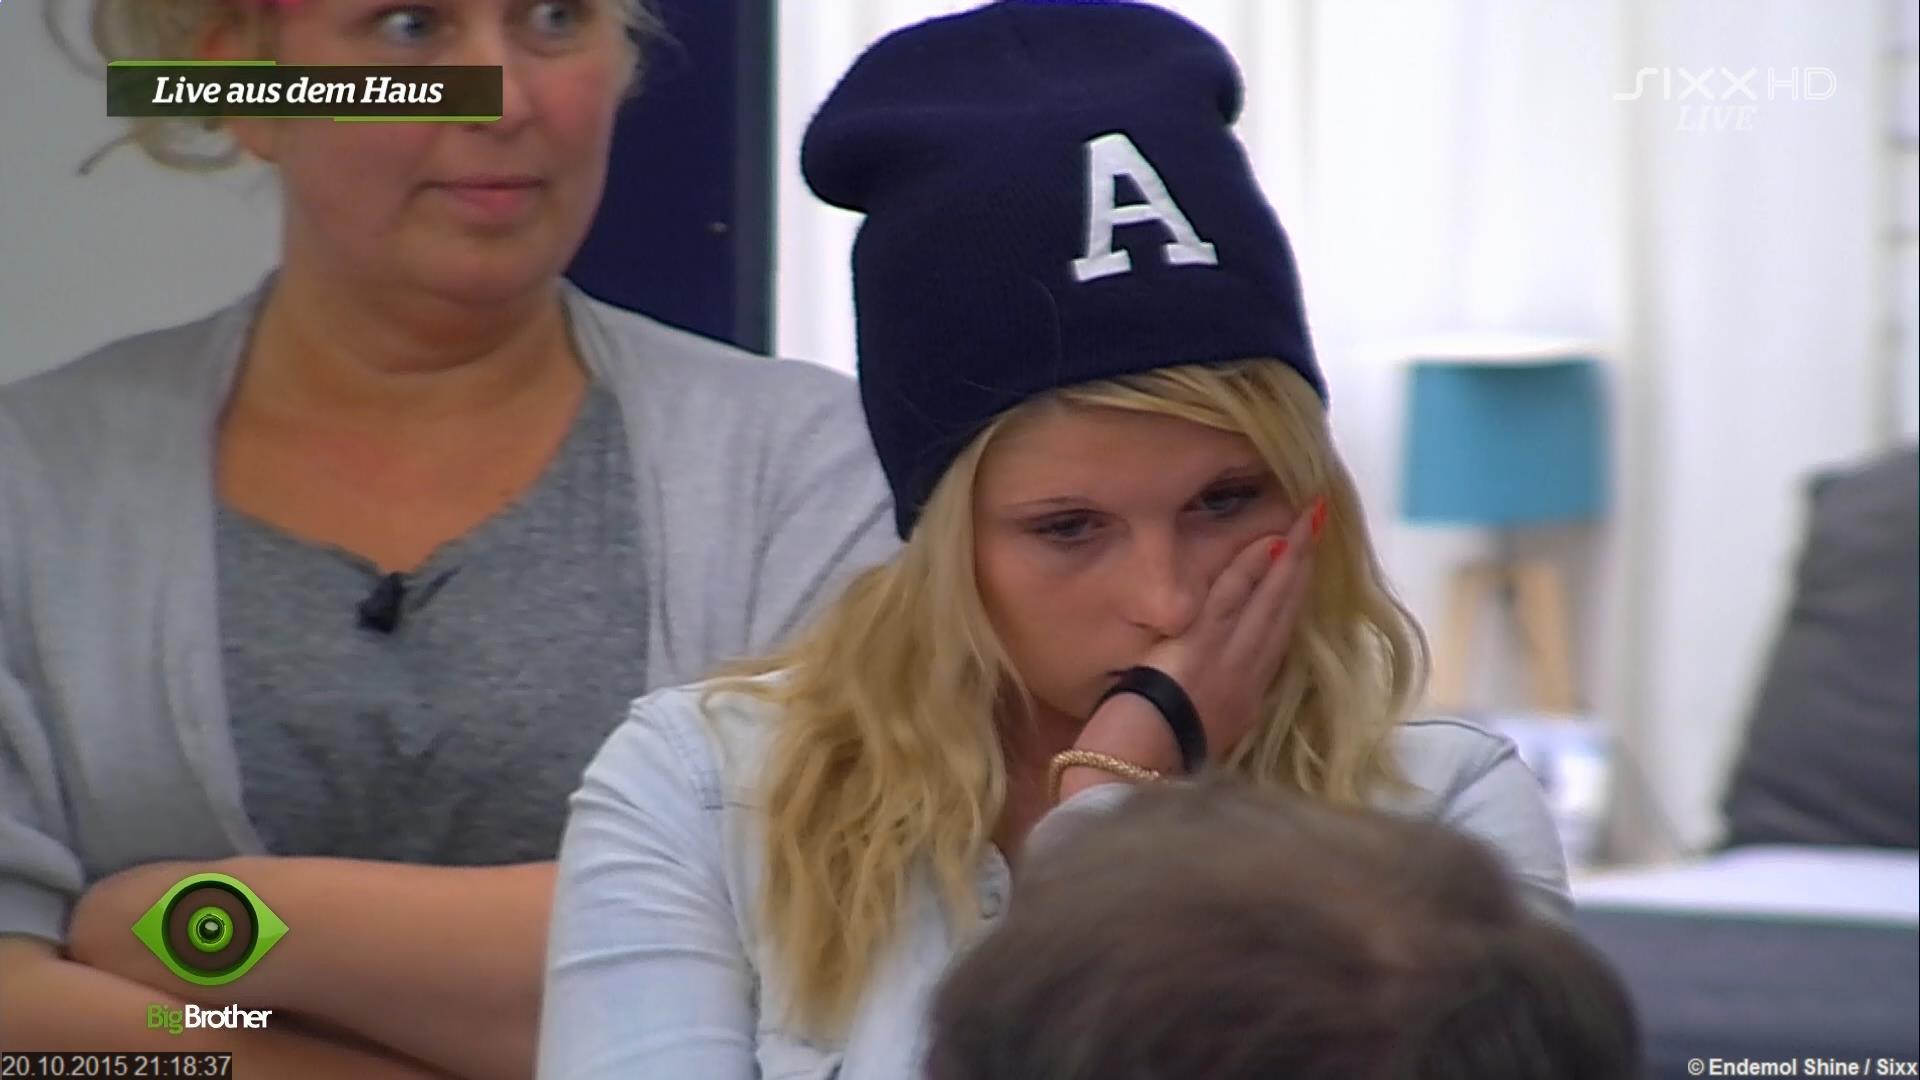 Big Brother 2015 Sharon Reue